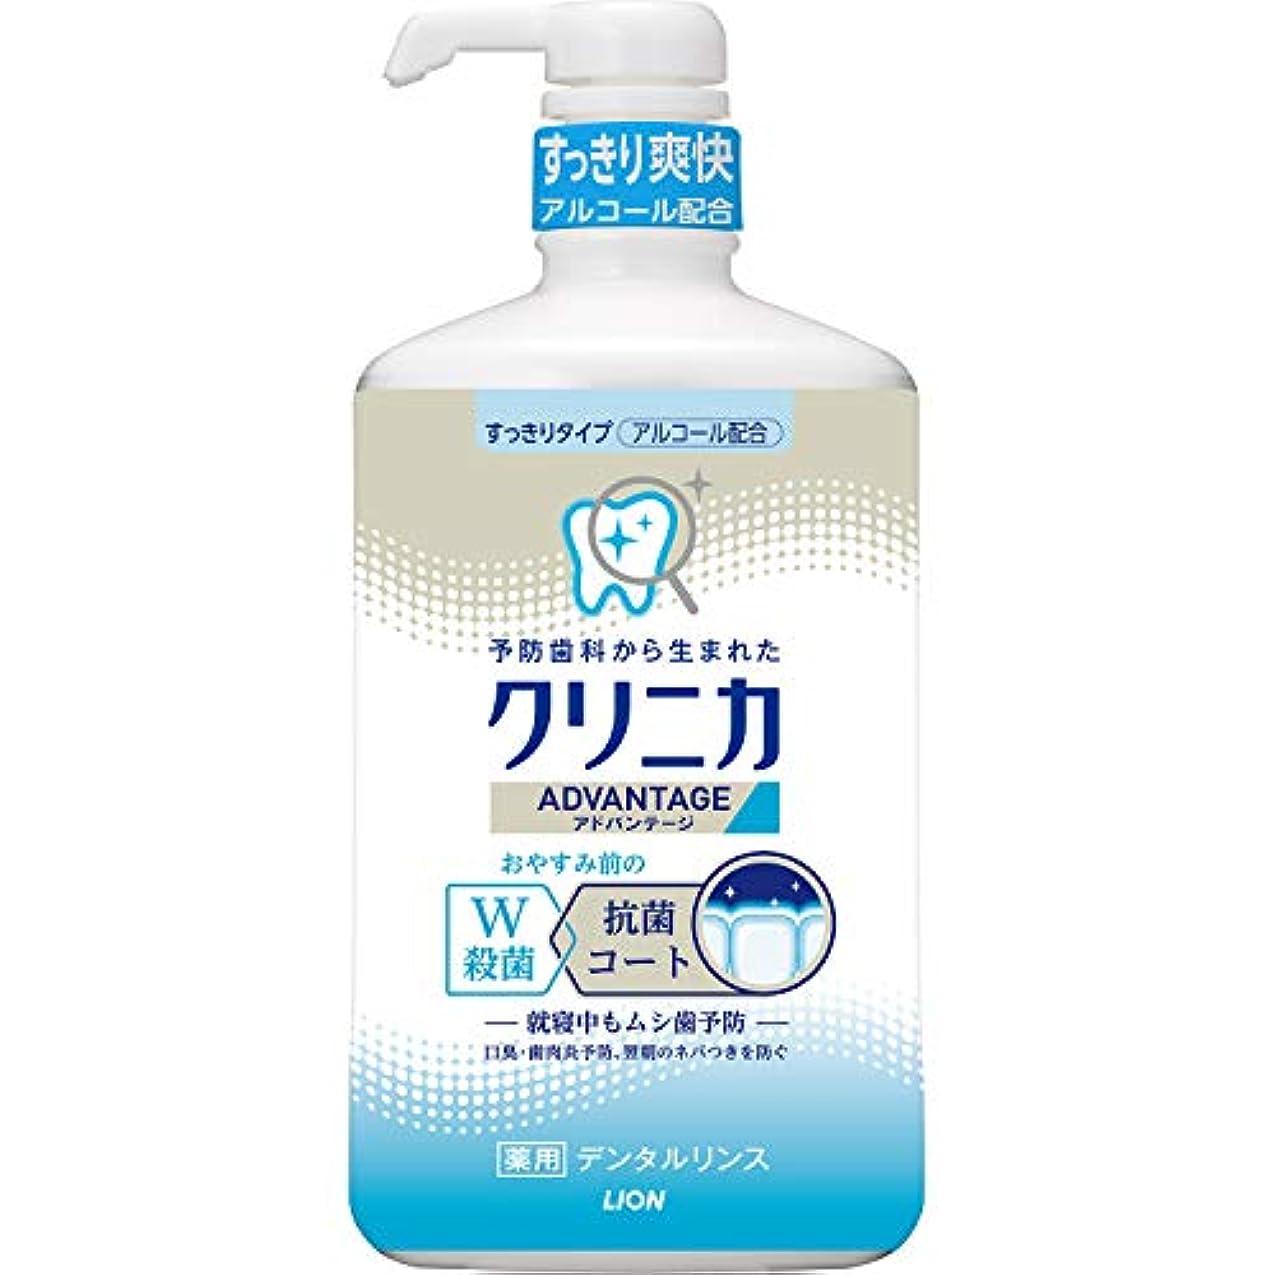 賞賛逃げる奨励しますクリニカアドバンテージ デンタルリンス すっきりタイプ(アルコール配合) 900mL 液体歯磨 (医薬部外品)